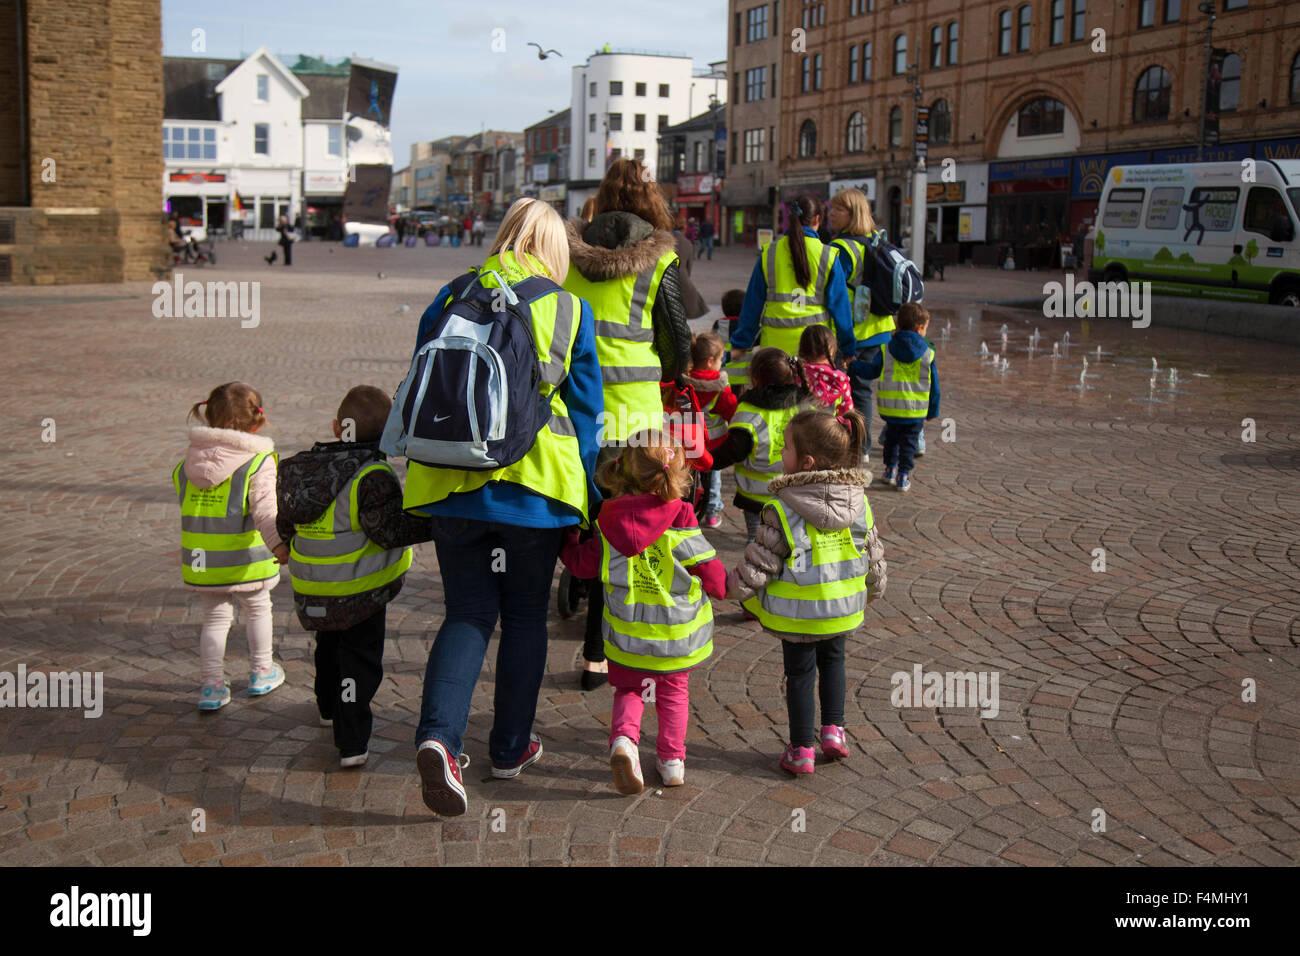 La sauvegarde primaire préscolaire Les enfants portant des lampes fluorescentes hi-vis des vestes de détresse Photo Stock